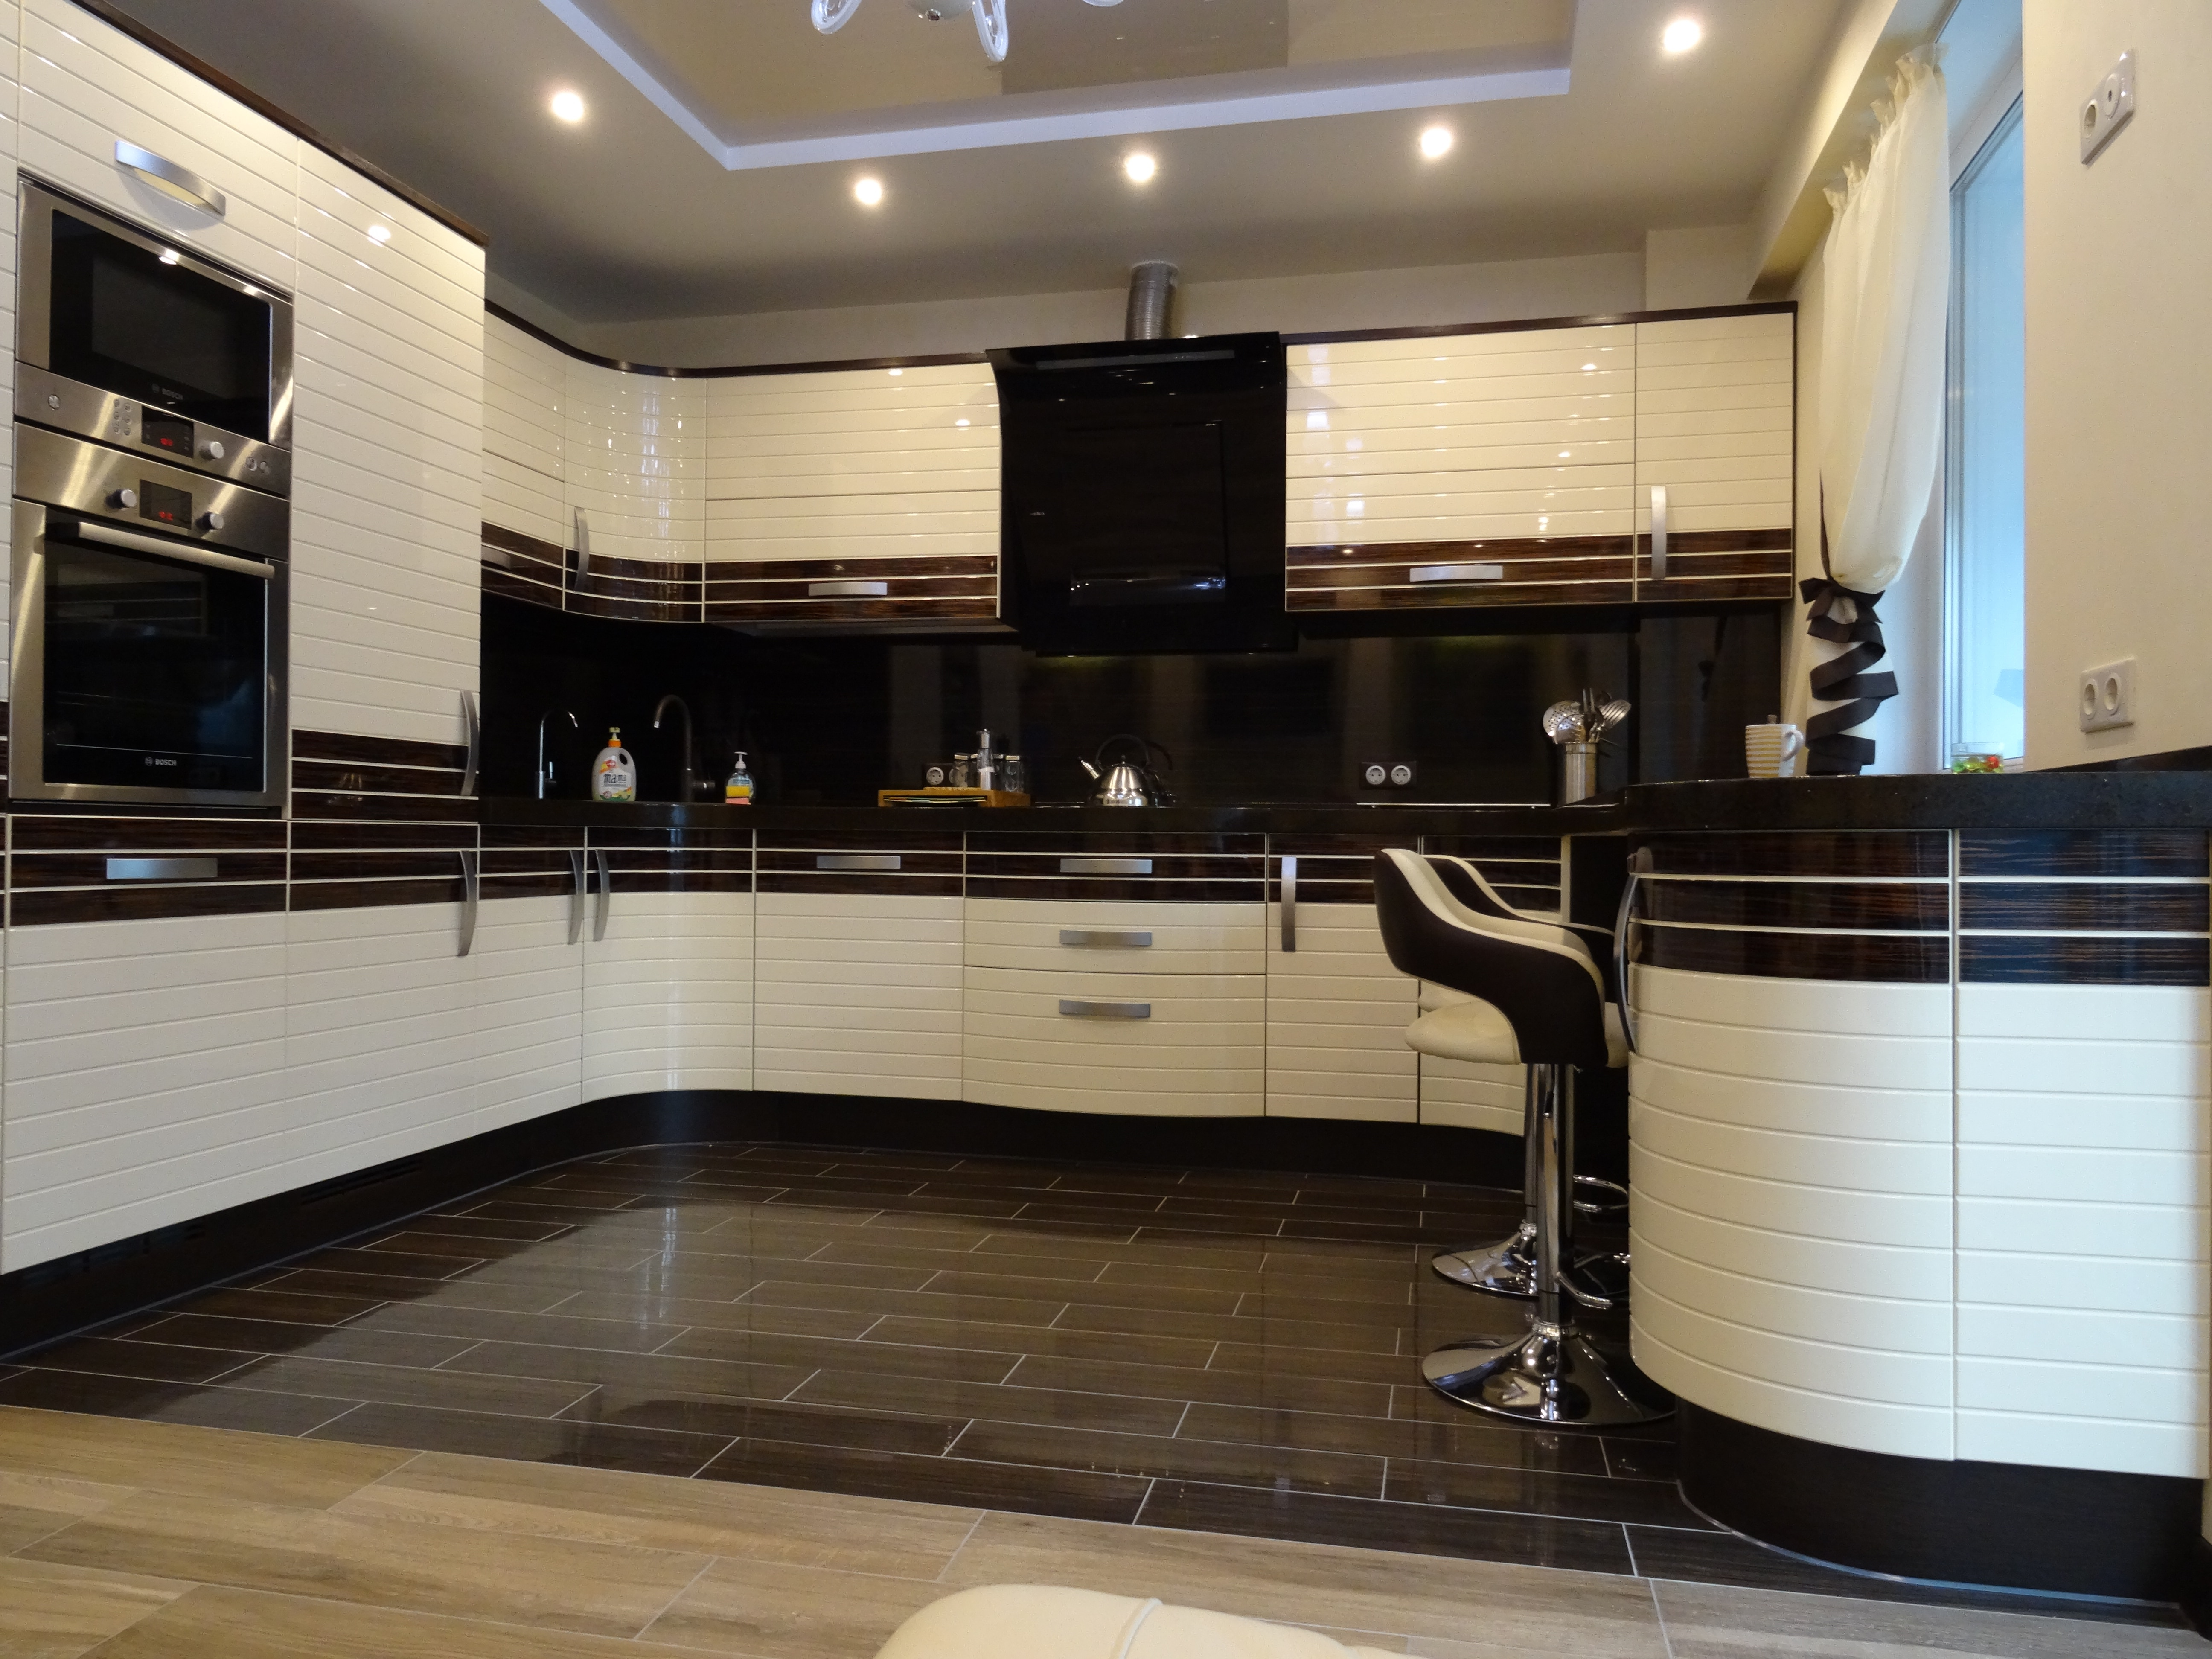 фото кухни с полосатым рисунком